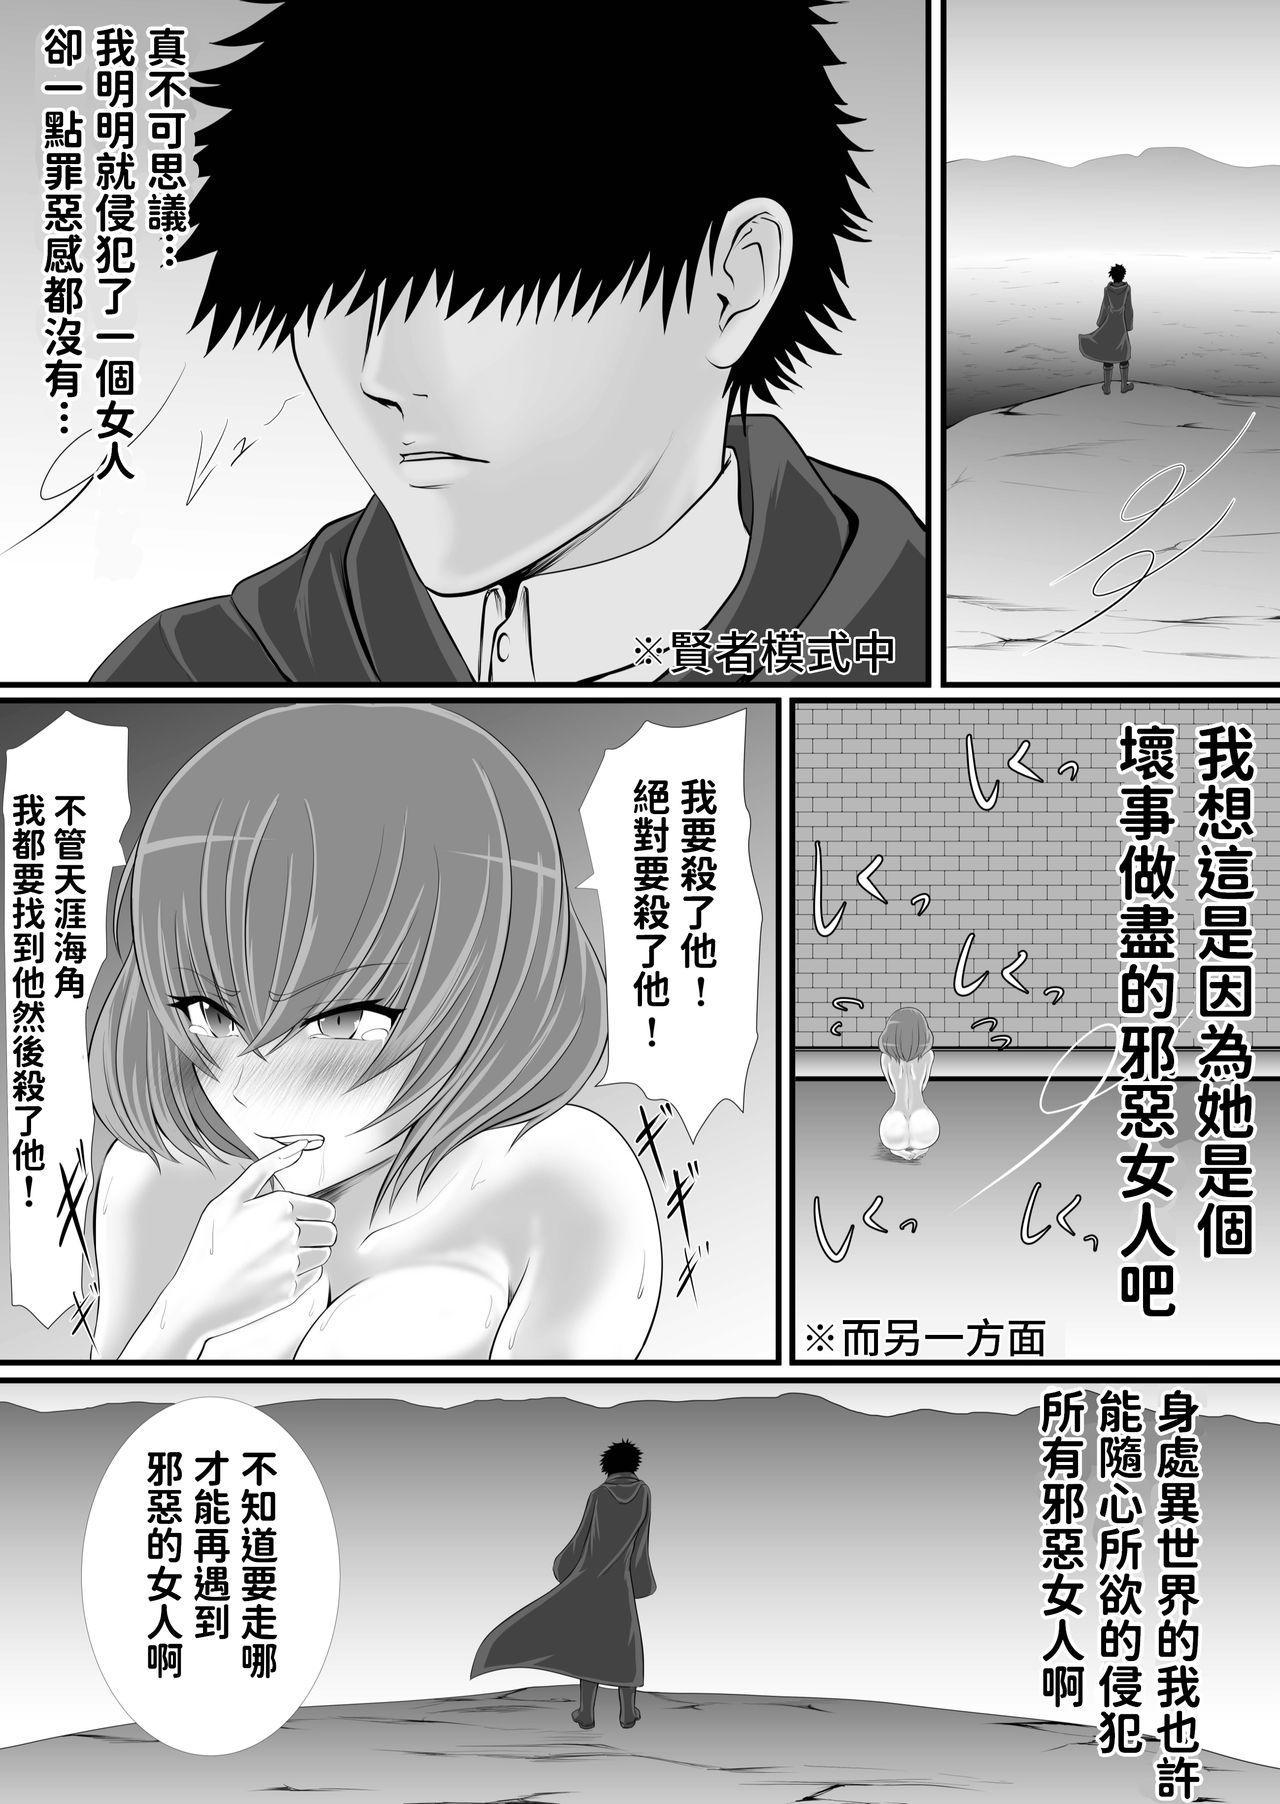 Isekai de nara Warui Onna wa Han Shihoudai nano Kamoshirenai 40